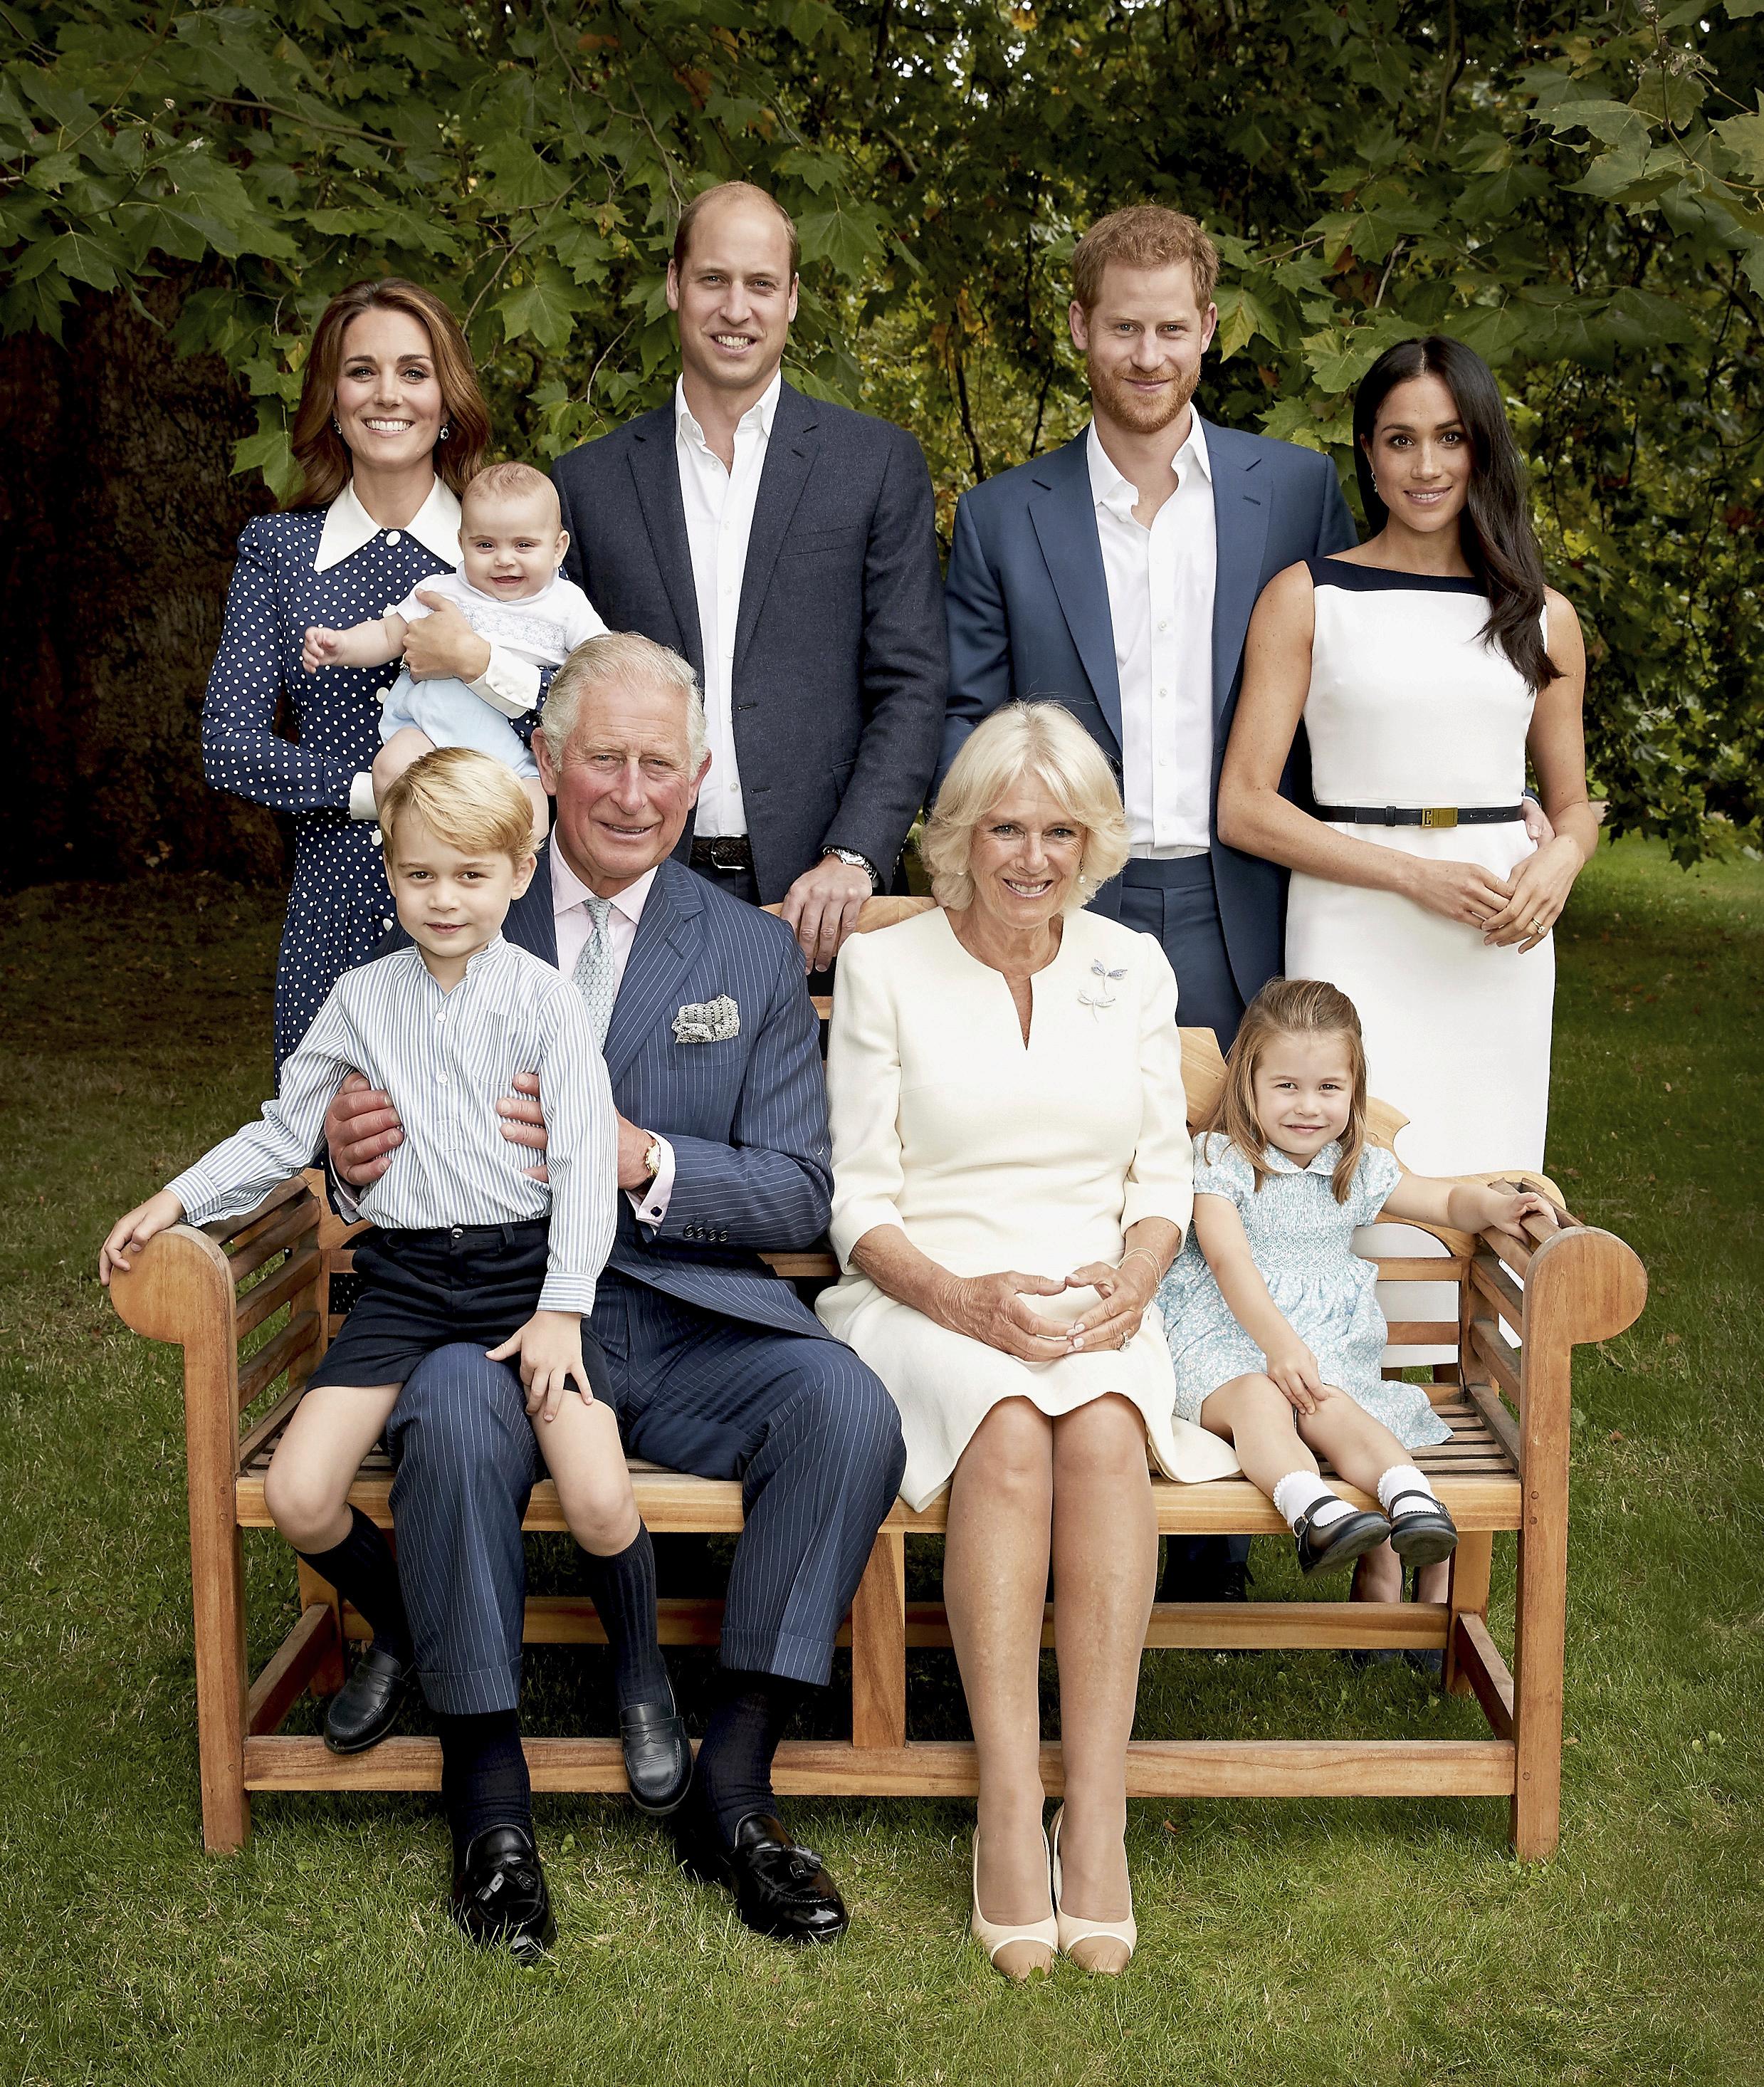 英國查爾斯王儲70大壽,王室公布祖孫三代同堂照(AP)